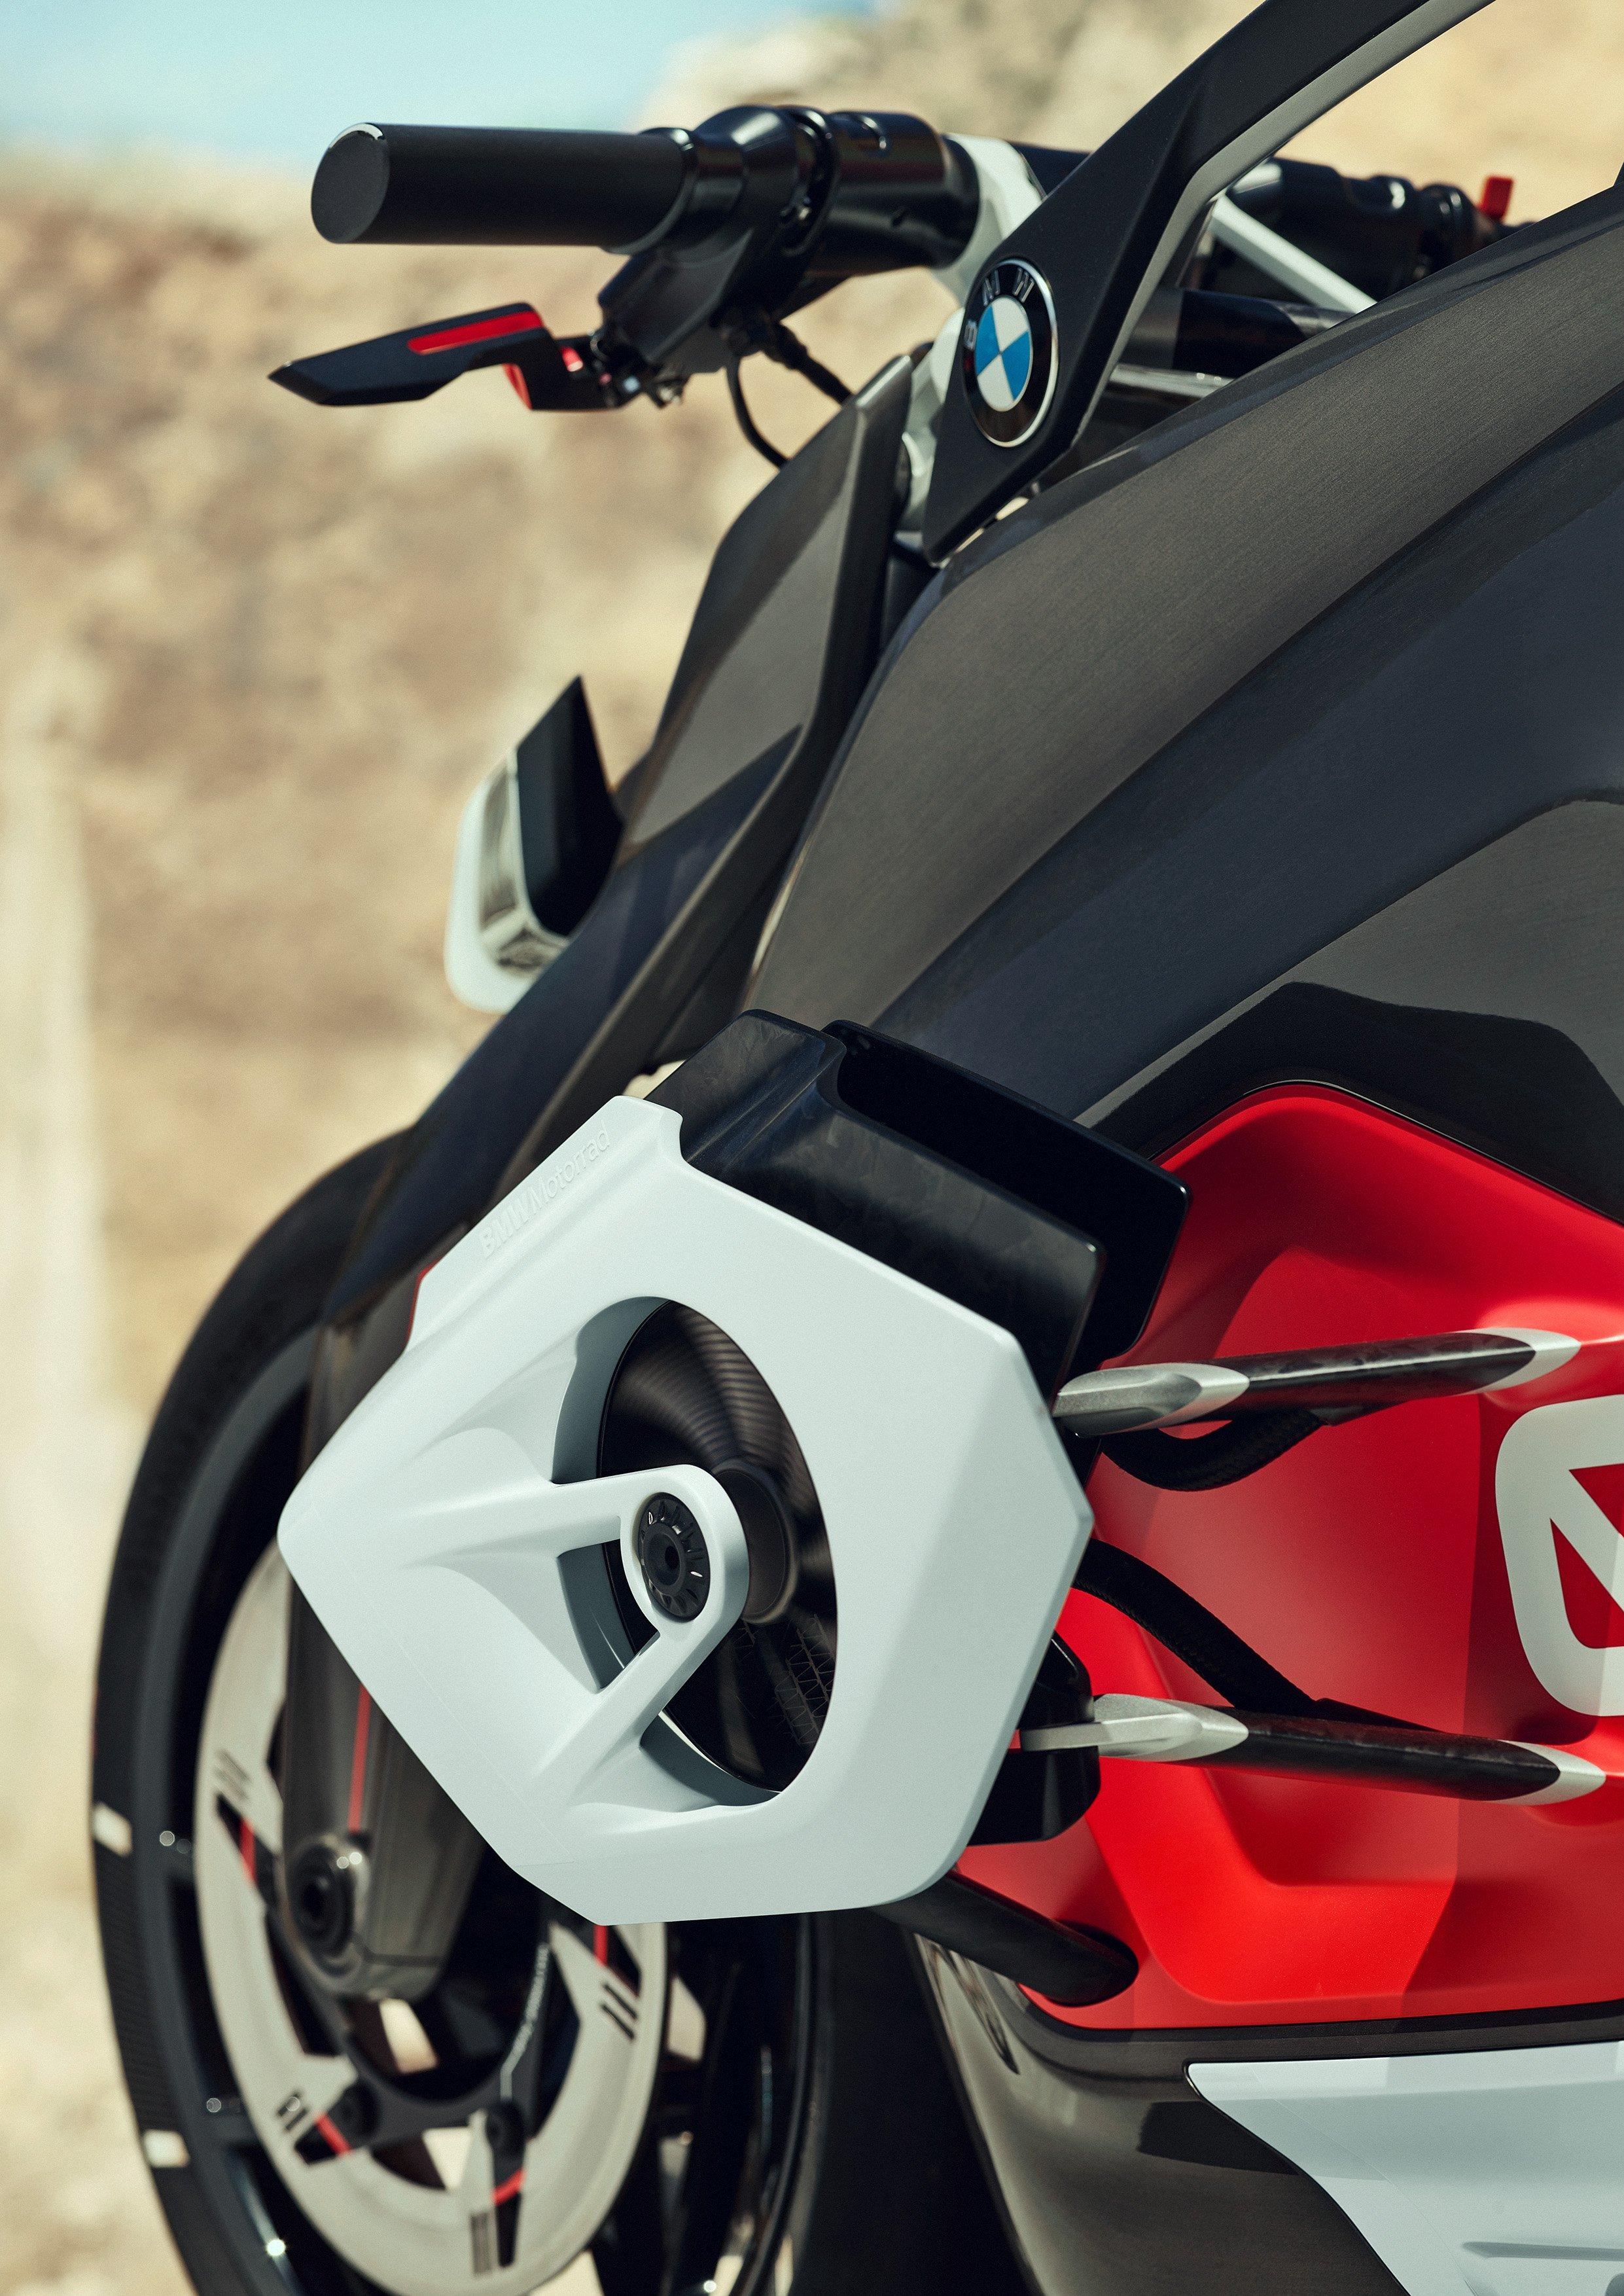 Bmw Motorrad Premiers Vision Dc Roadster E Bike Paul Tan Image 976515